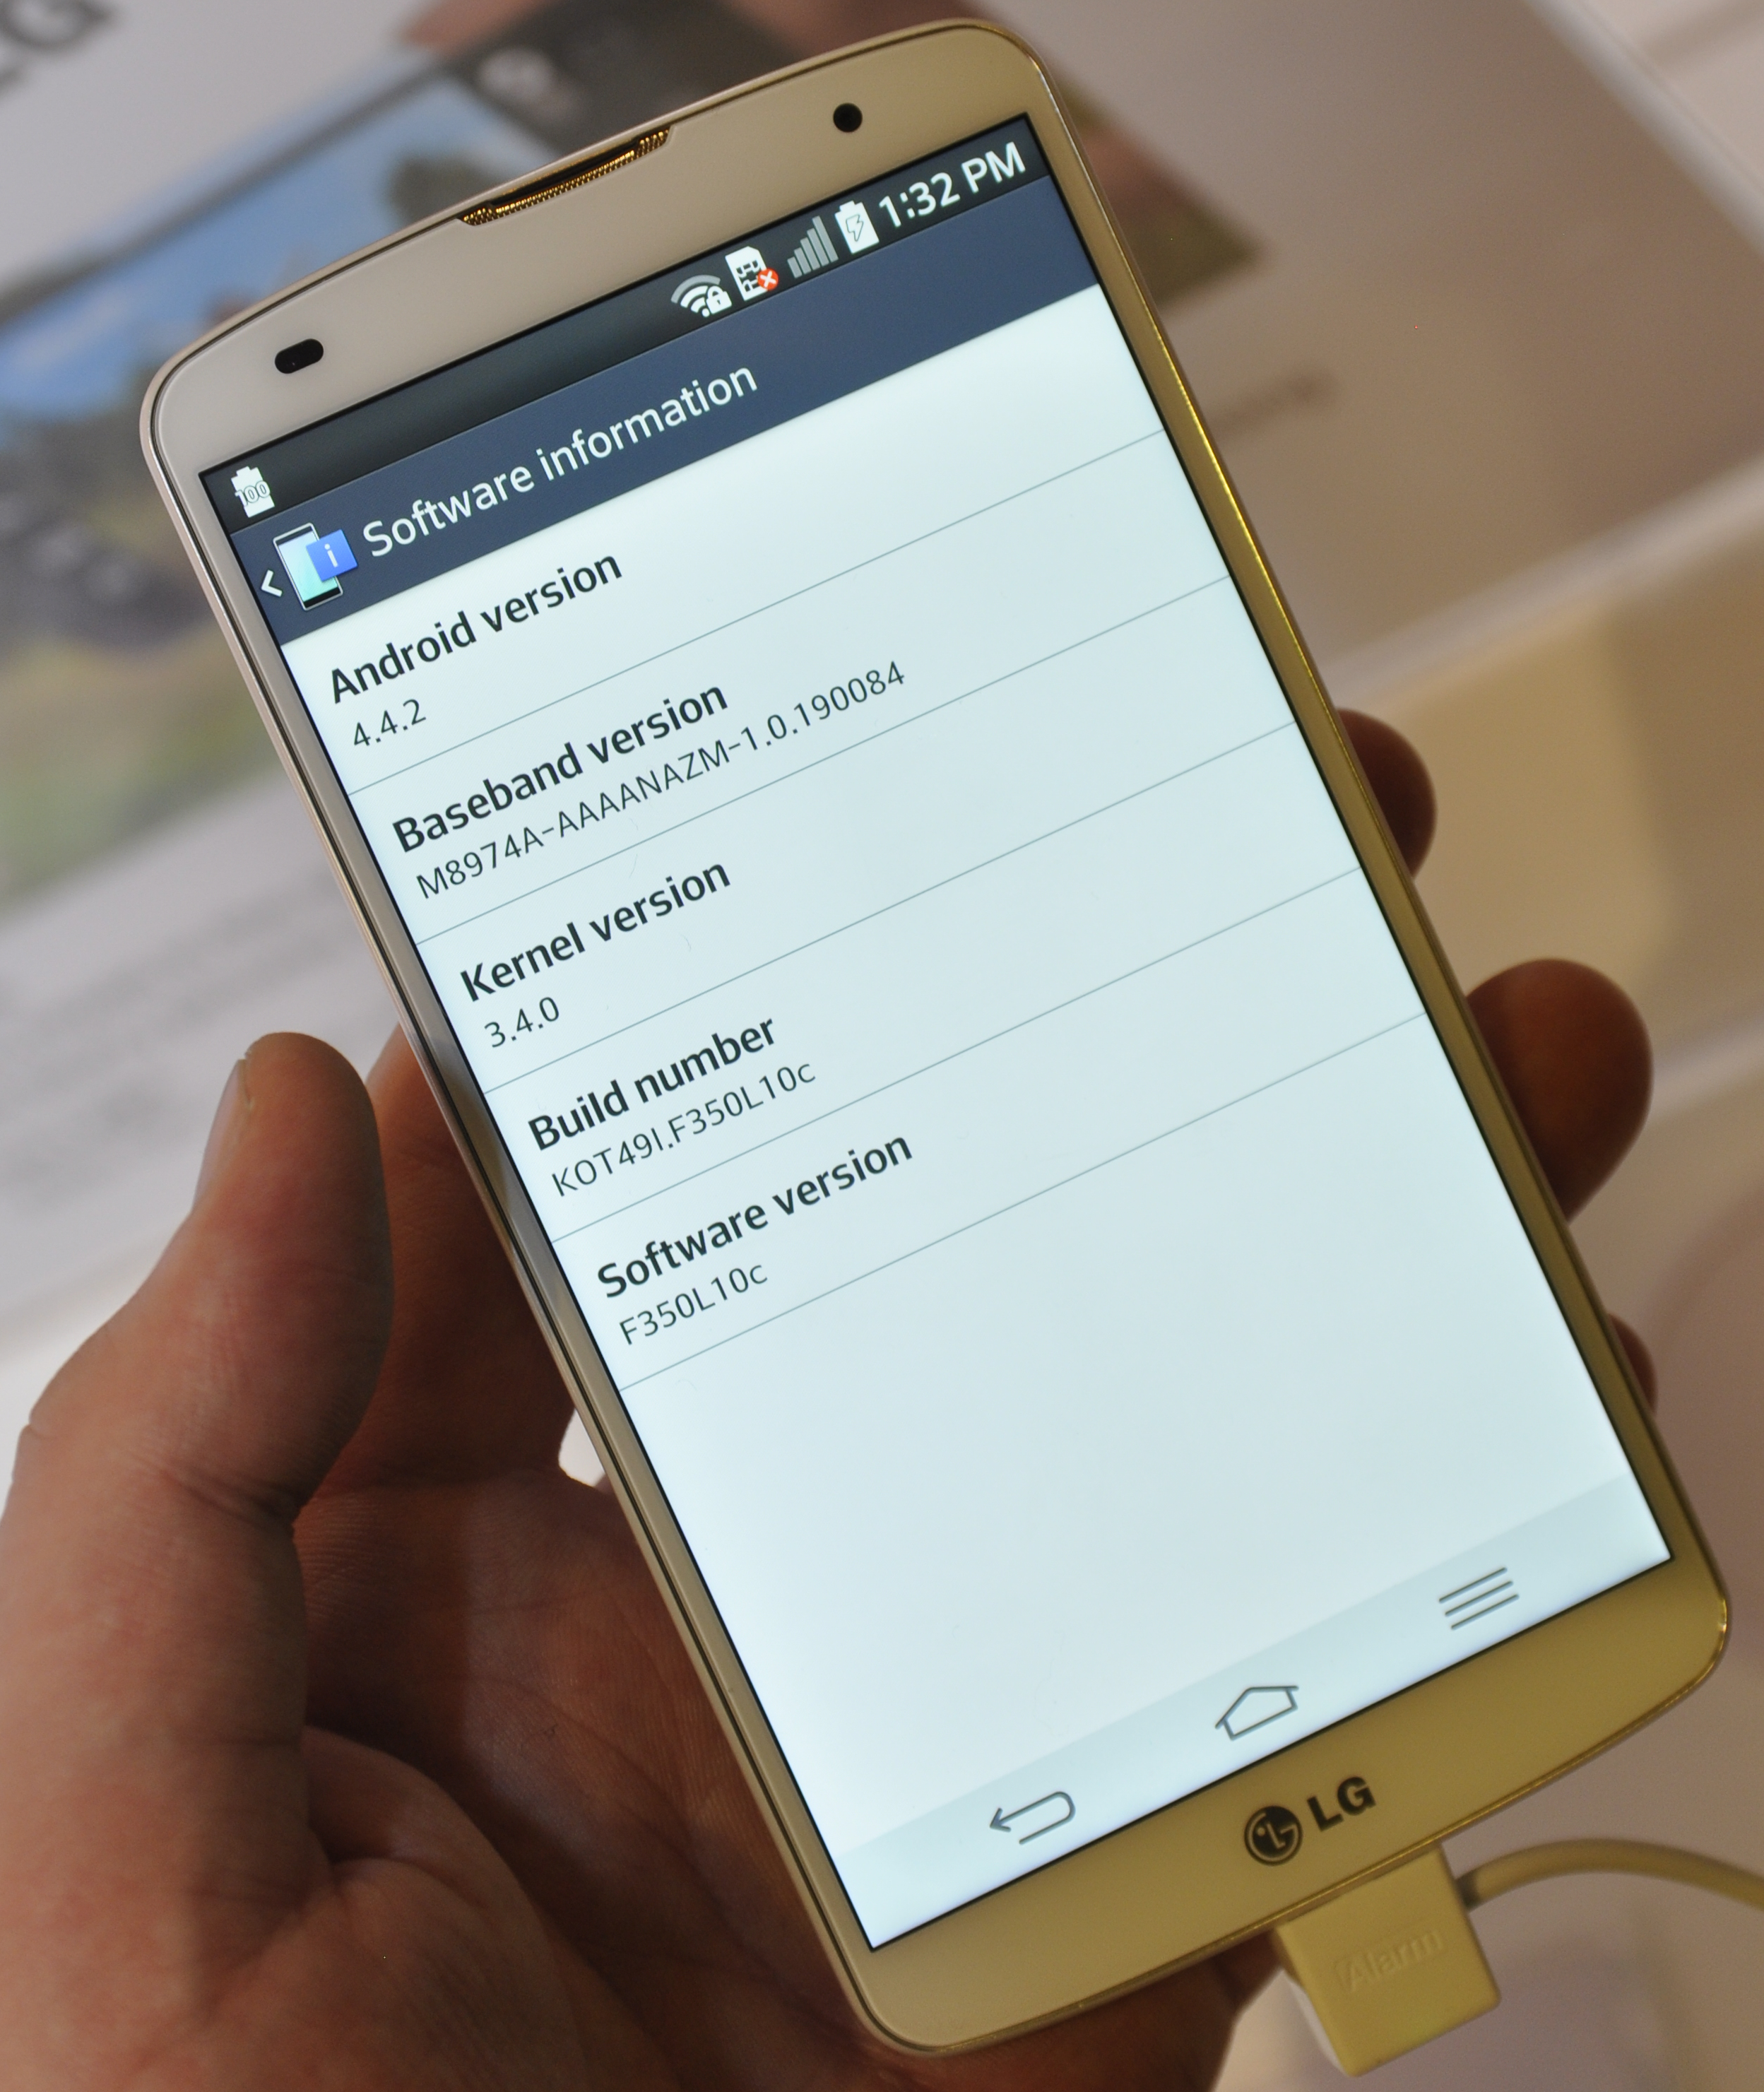 LG G Pro 3 vil få enda større skjerm enn den her avbildede forgjengeren, og langt kraftigere innmat. Foto: Finn Jarle Kvalheim, Amobil.no